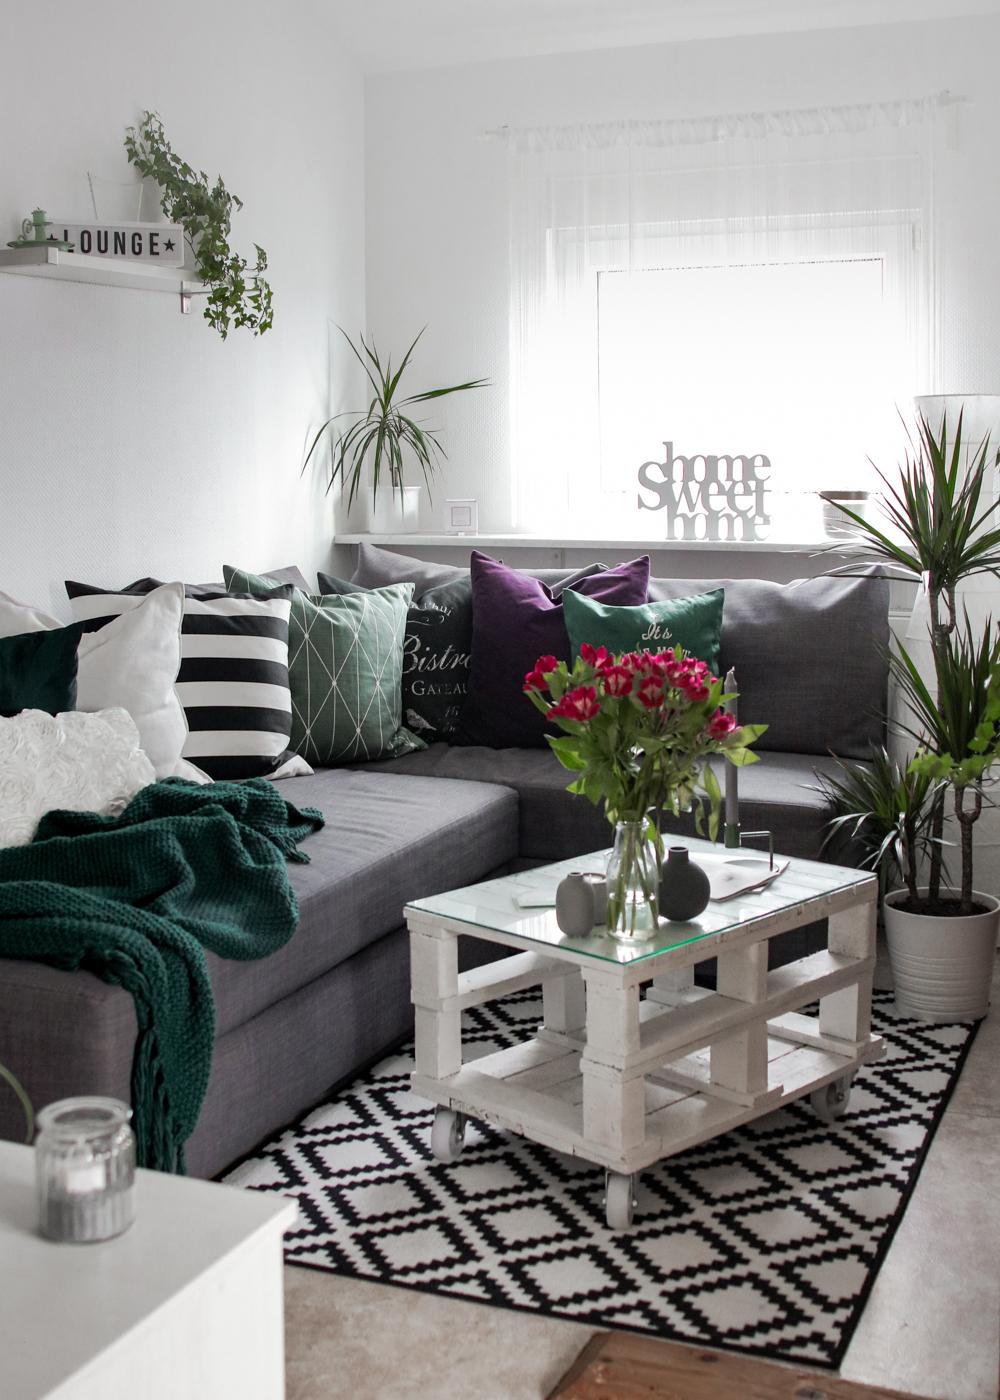 Wohnzimmer Einrichtung lila gruen Deko Kissen Vasen Couchtisch aus